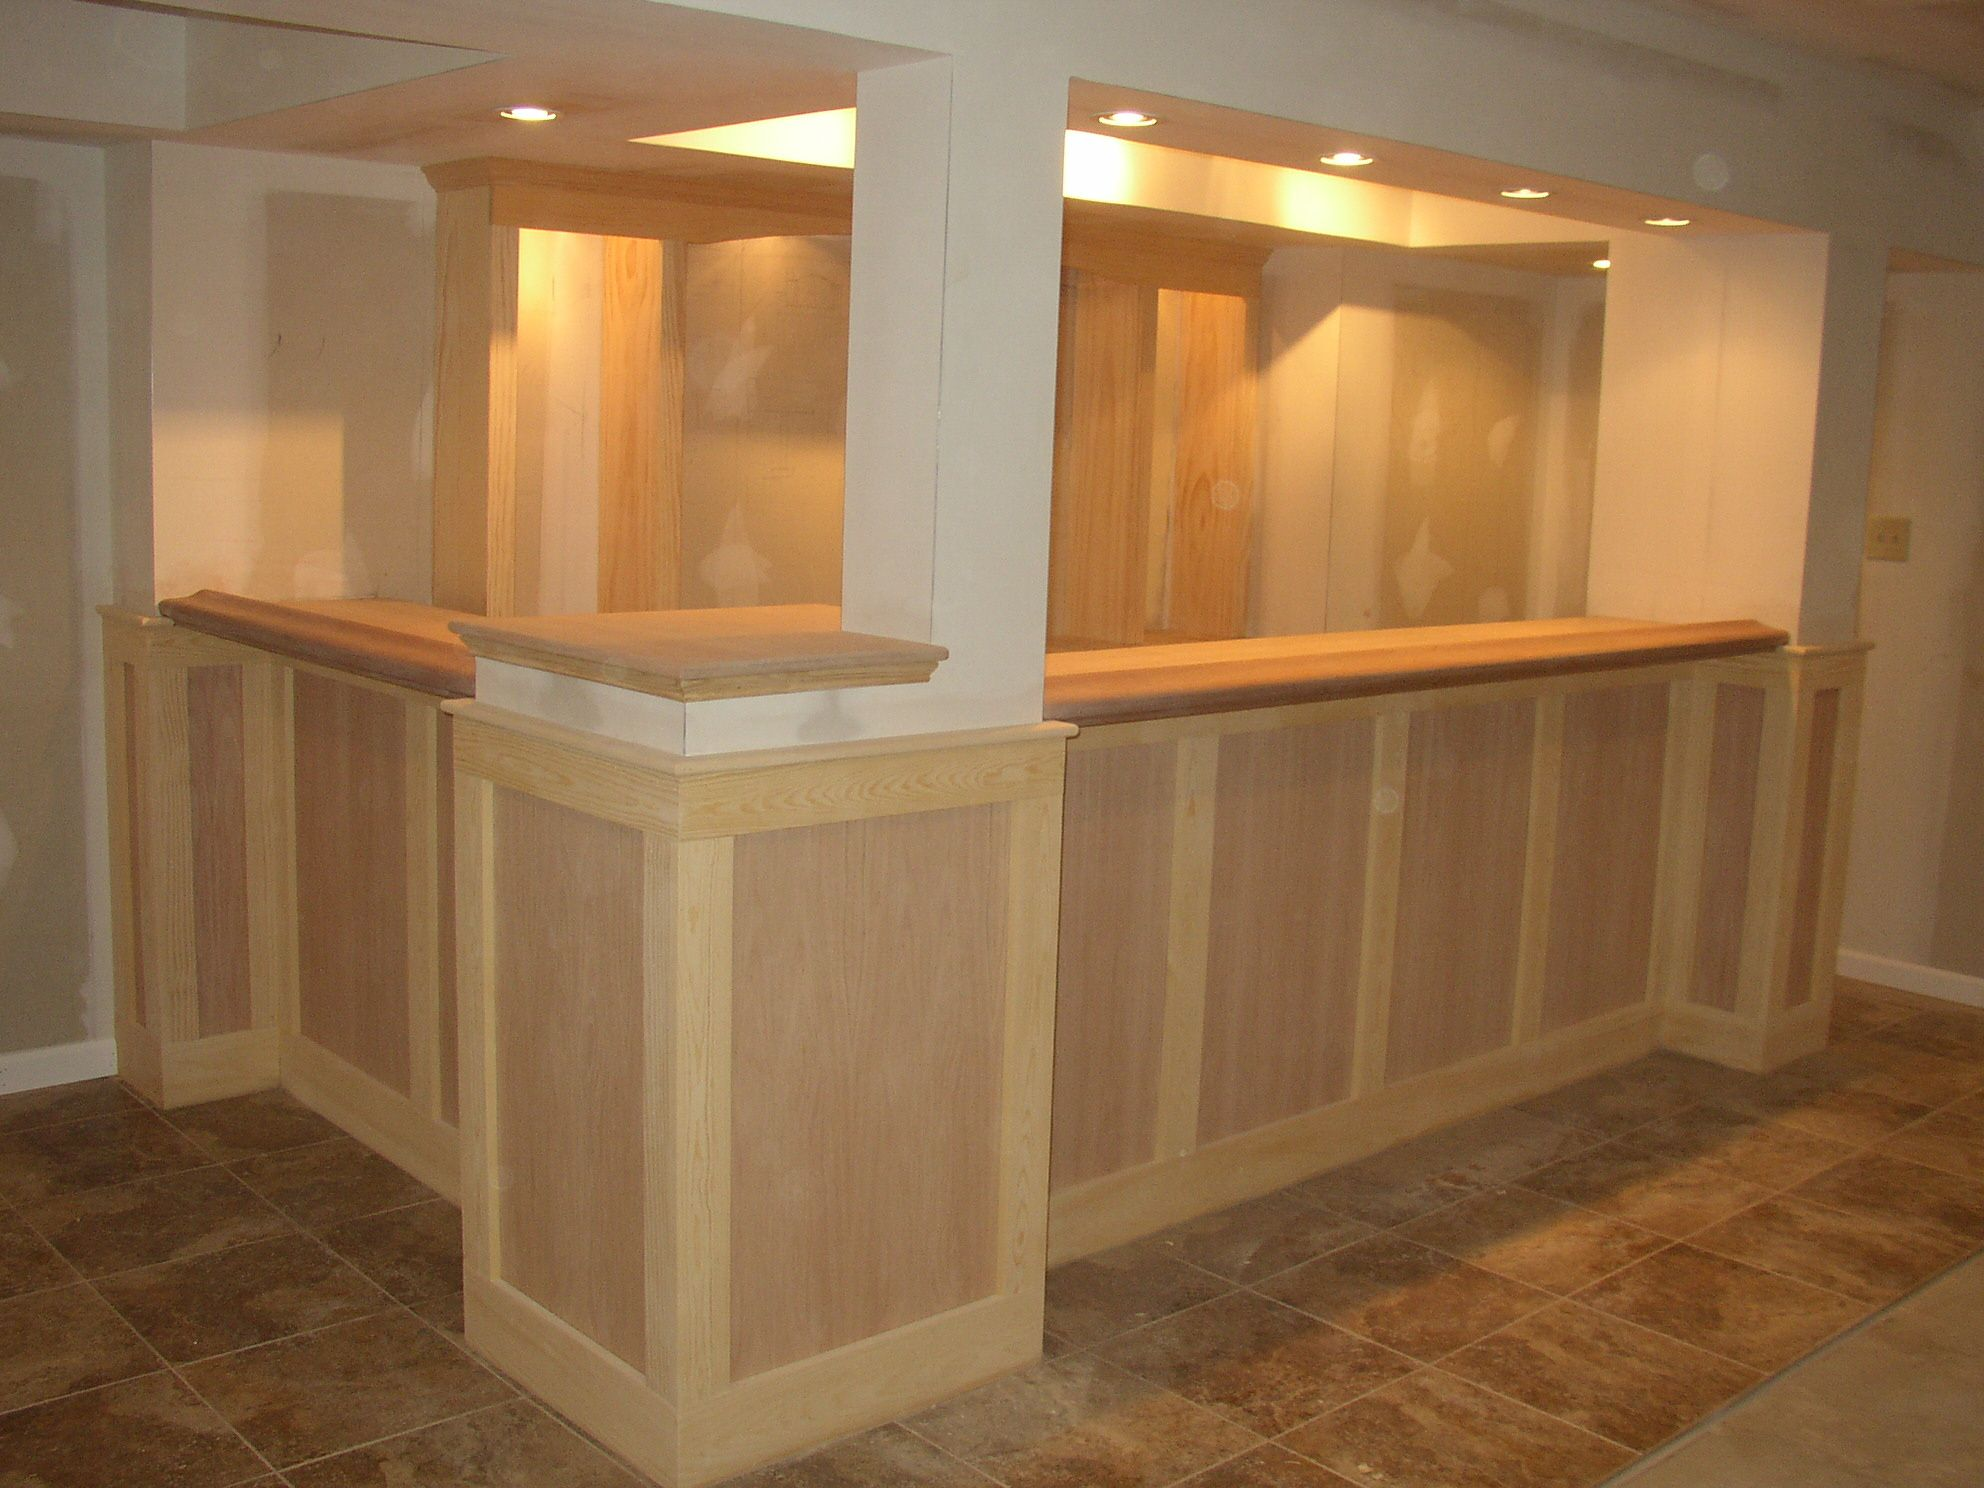 1000 images about basement bar ideas on pinterest light walls nail gun and basement bar designs - Basement Bar Design Ideas